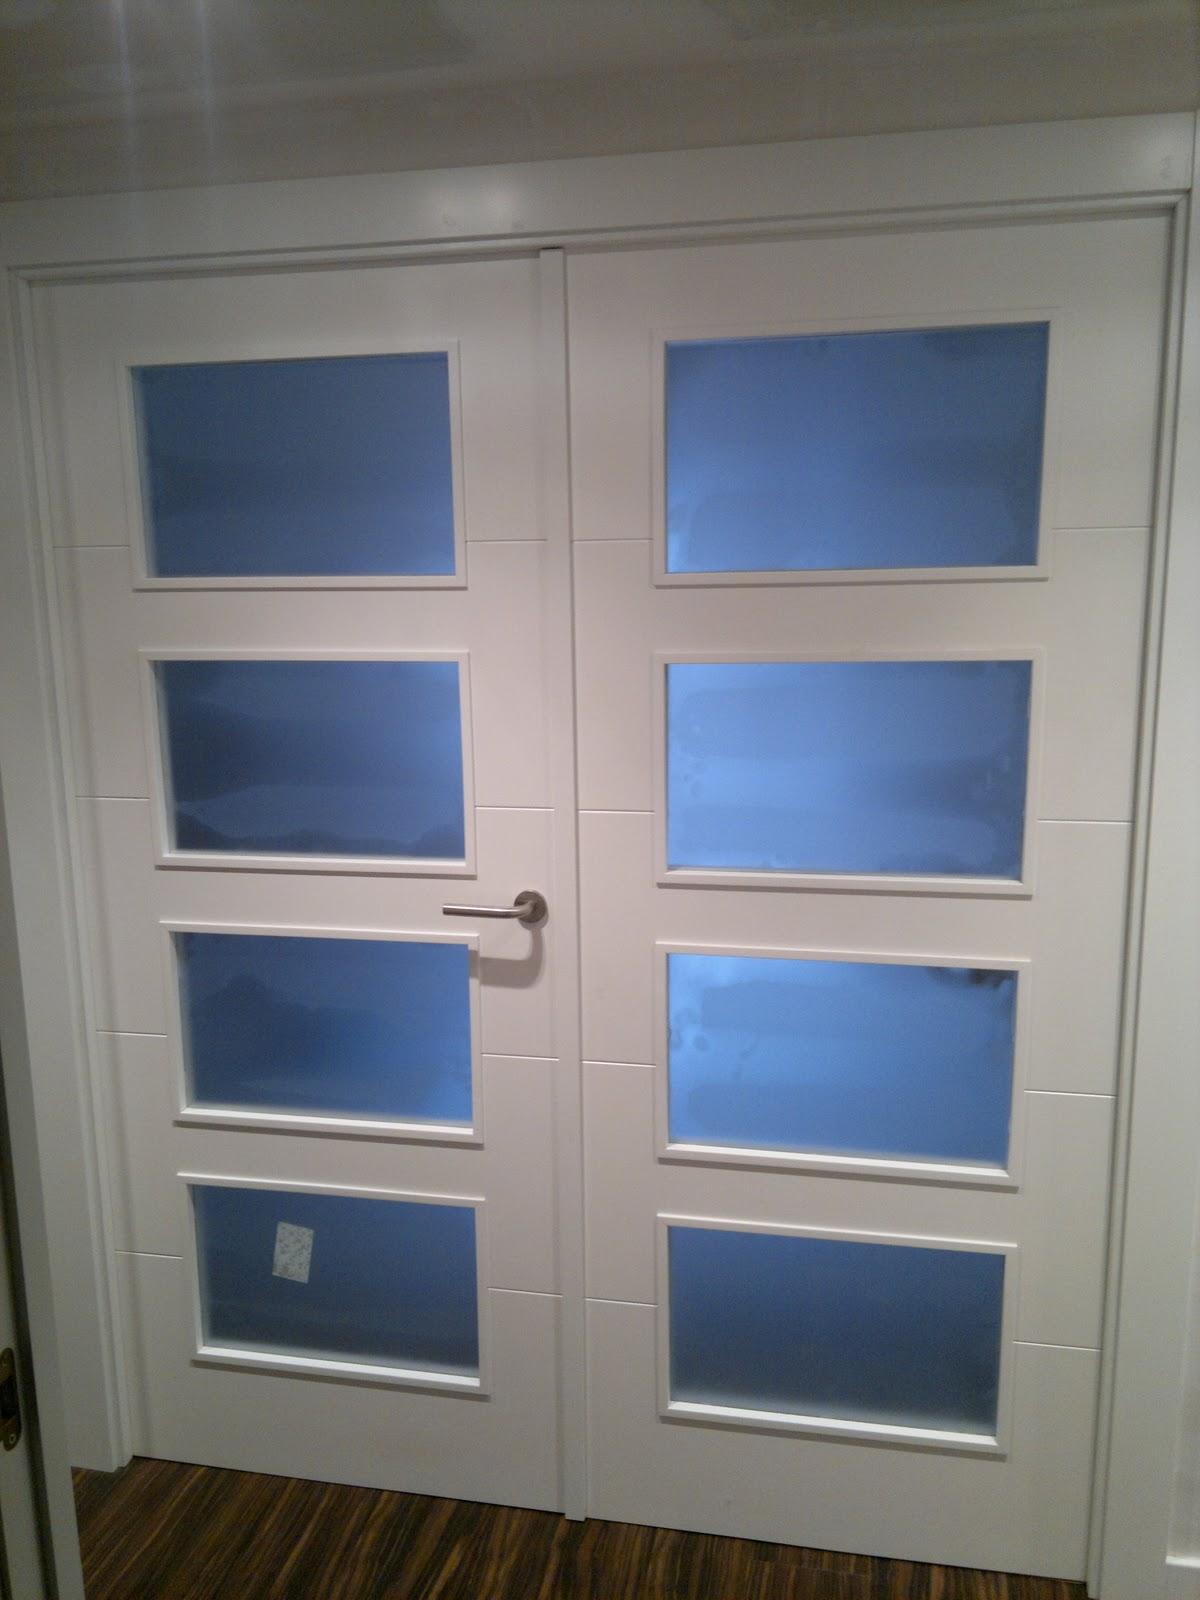 Ebanisteria carpinteria manuel perez zaragoza puertas - Puertas de paso lacadas en blanco ...